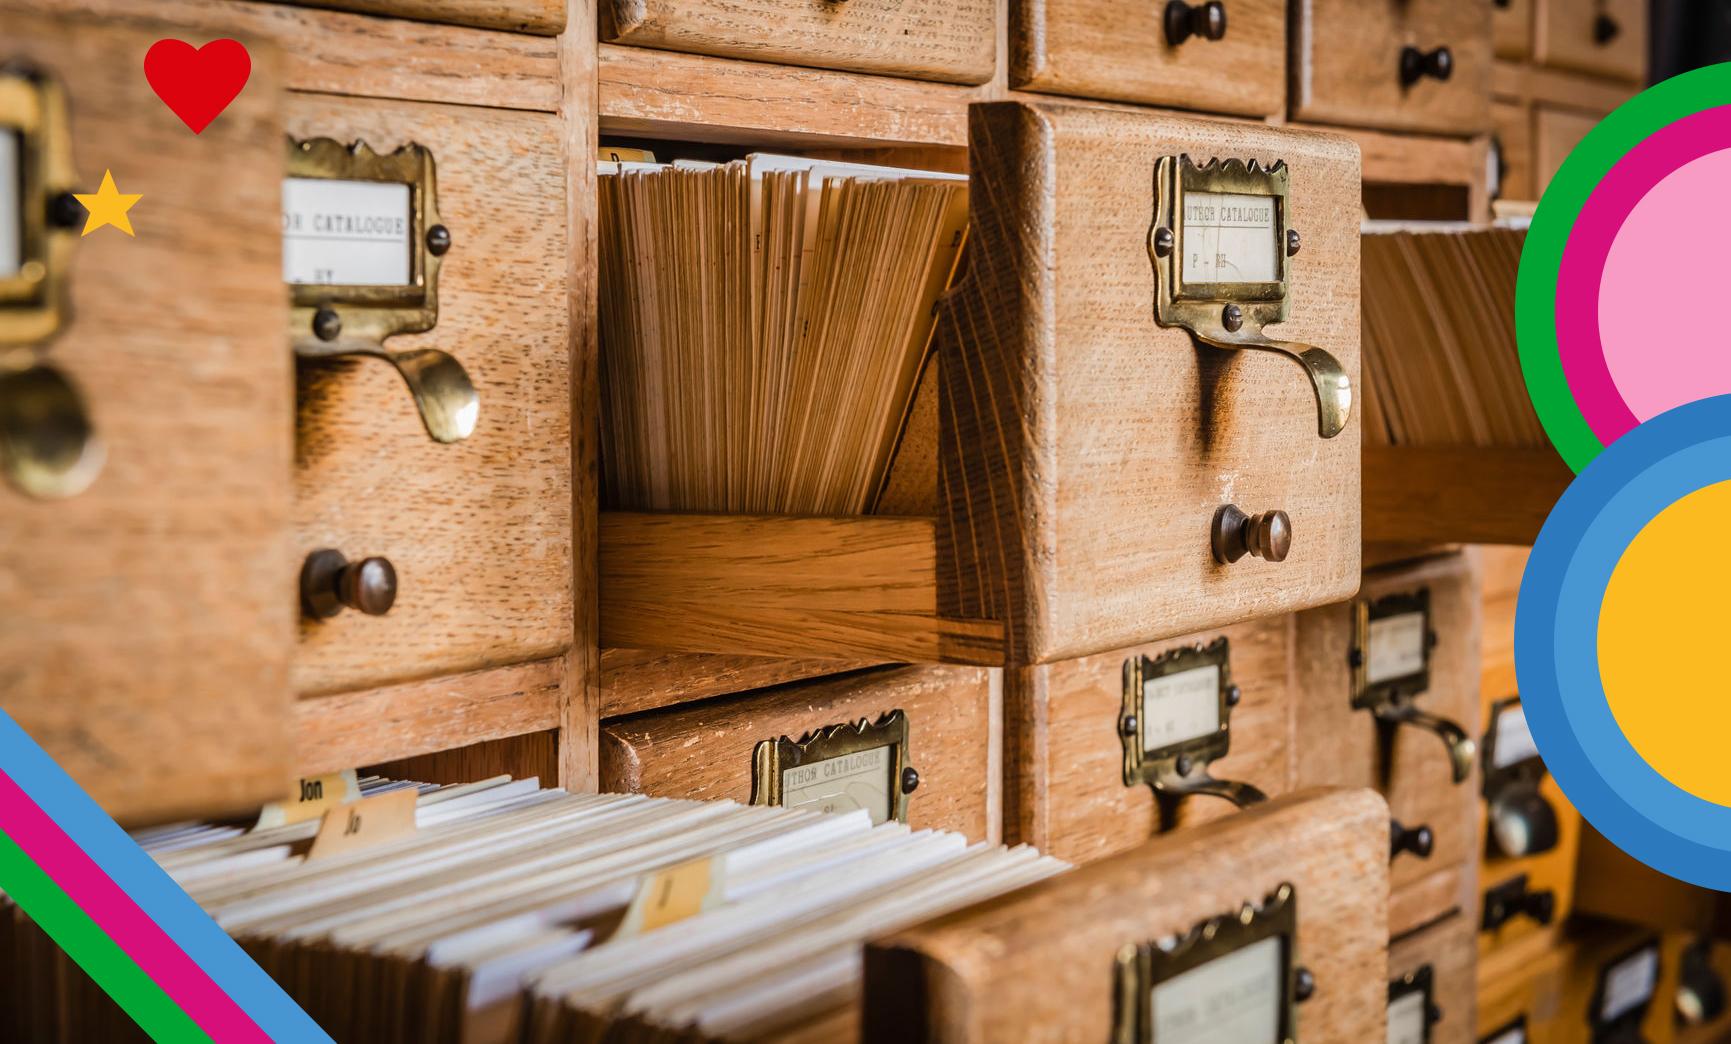 Offene Dokumentenschublade